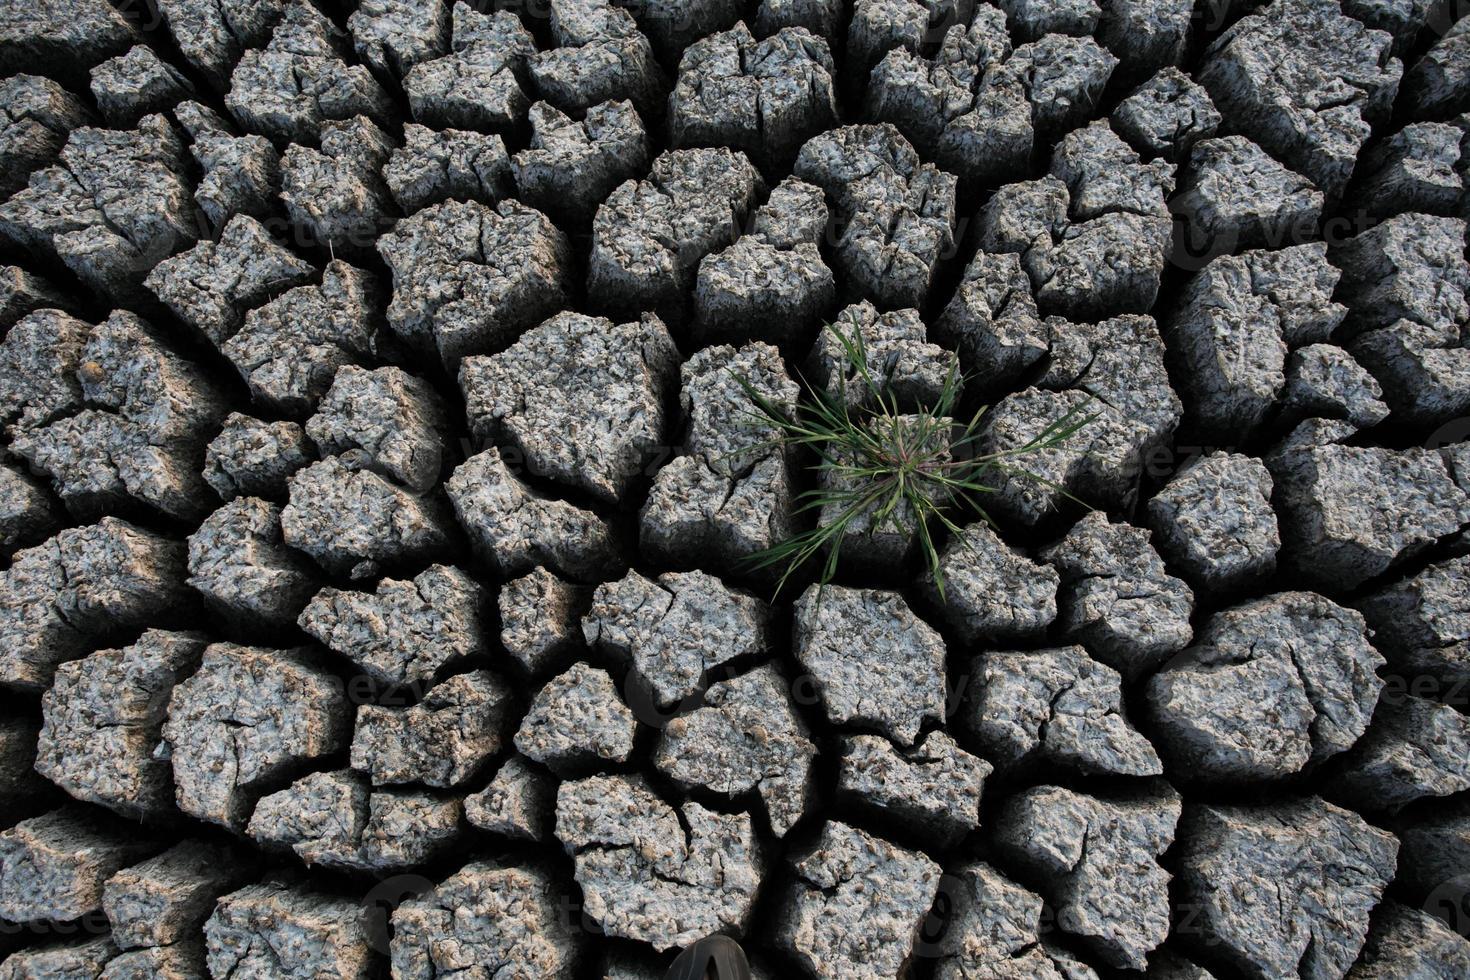 pianta in fango incrinato essiccato foto